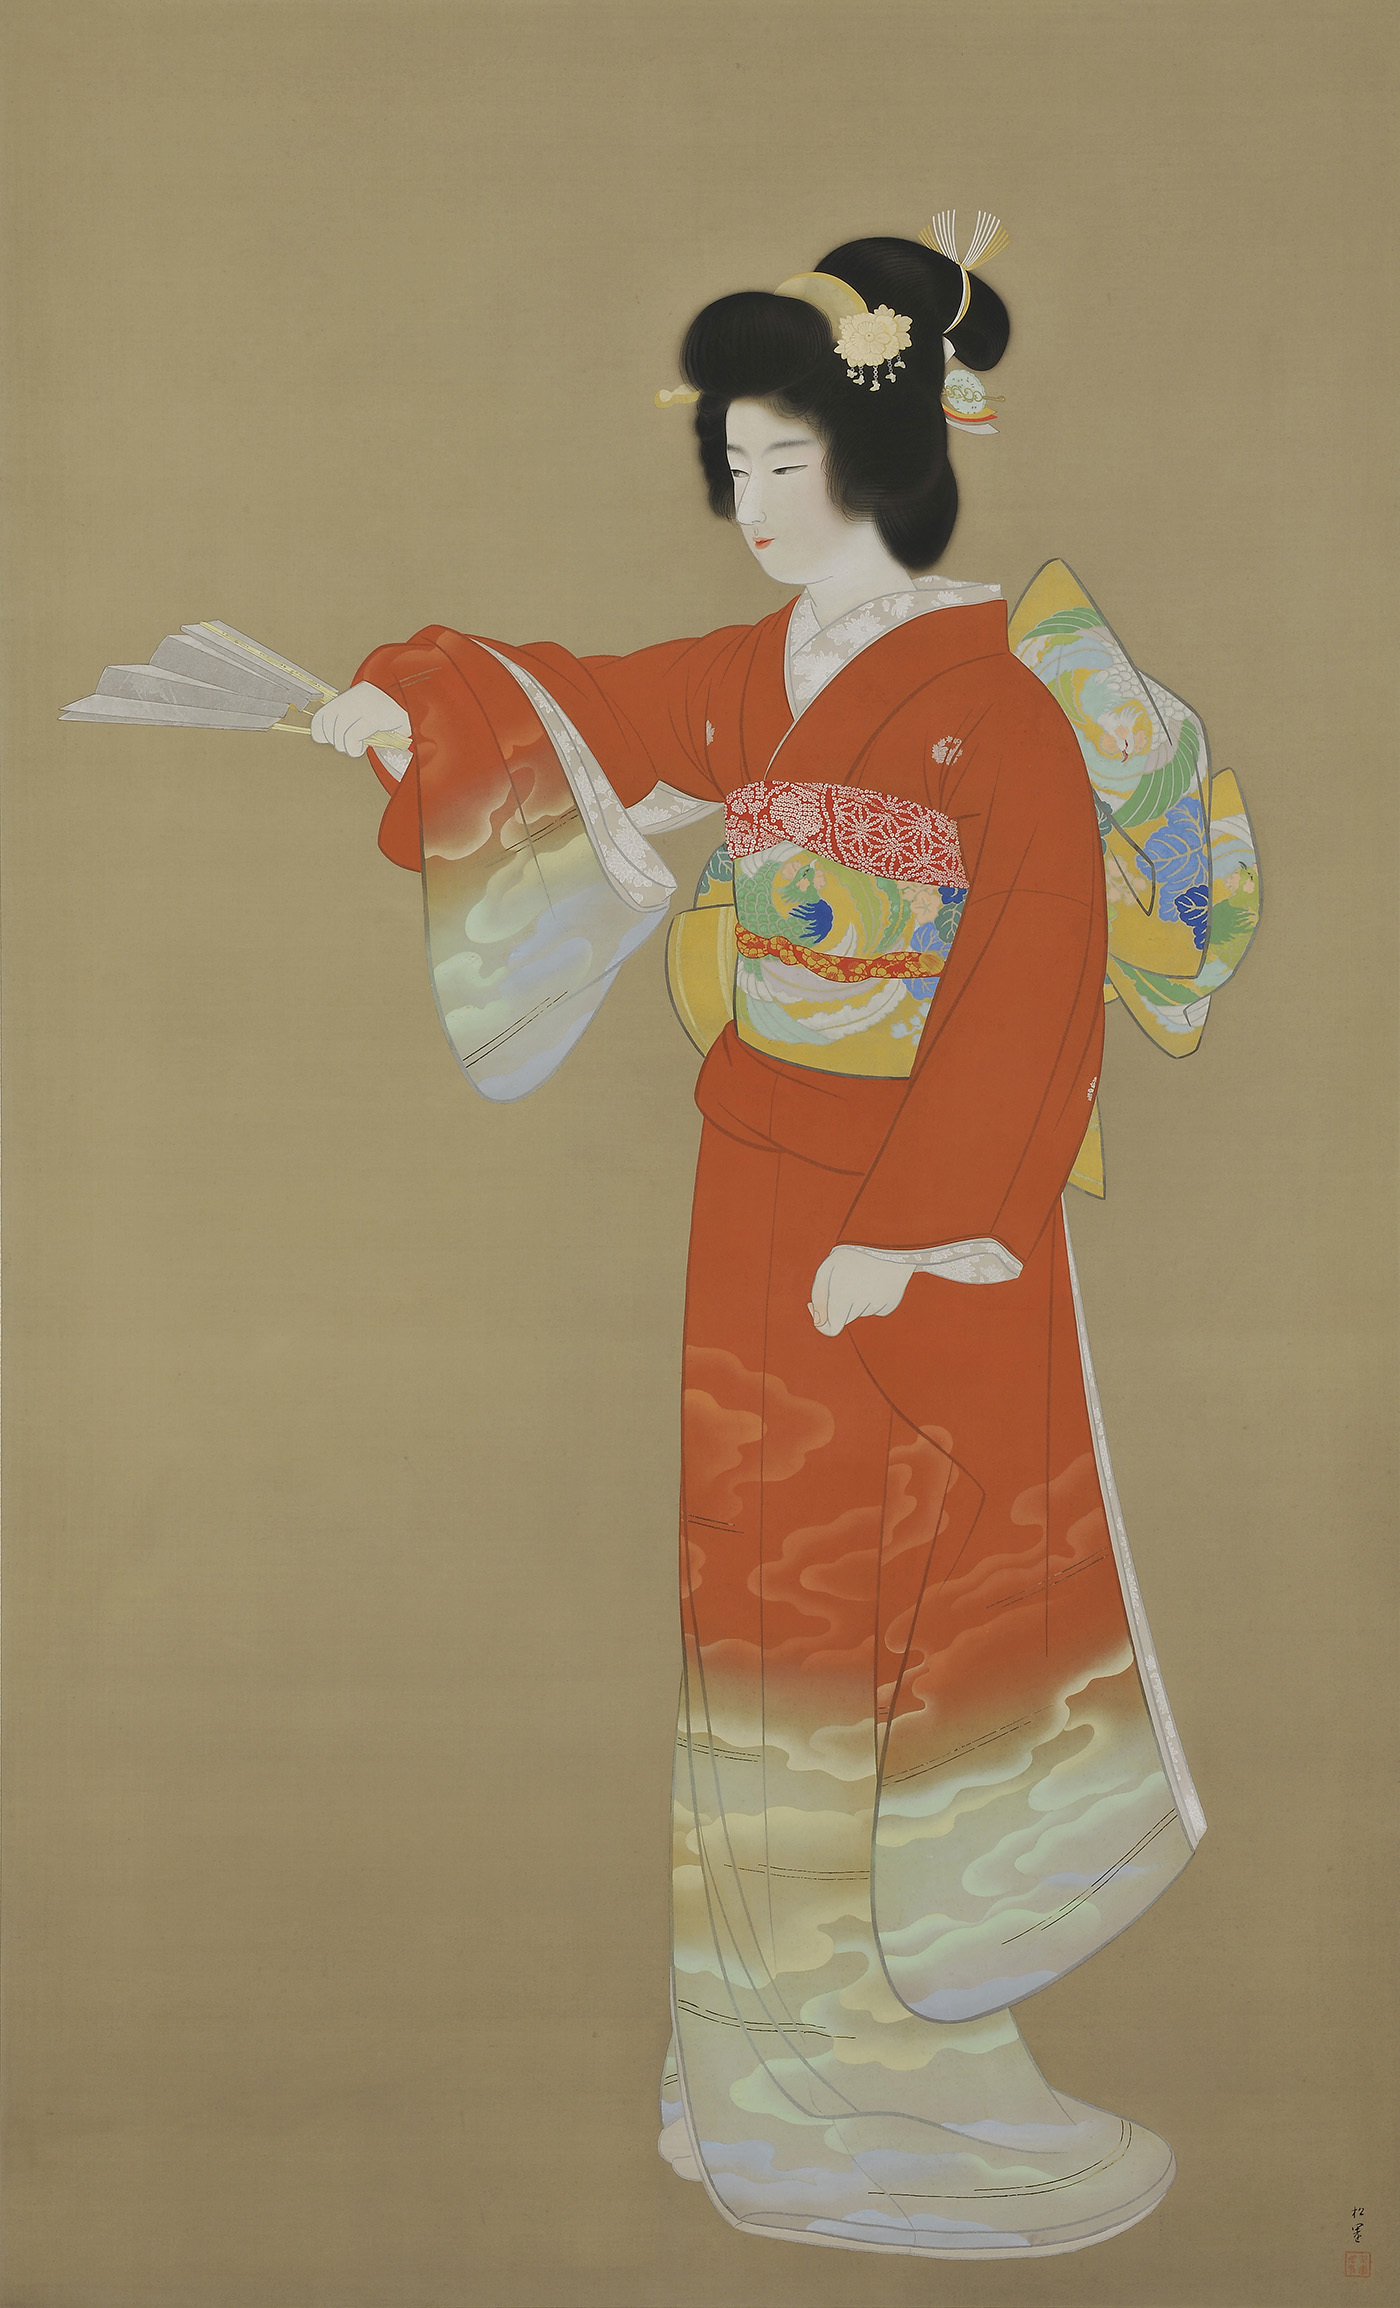 東西美人画の名作 序の舞 への系譜 が東京藝術大学大学美術館で